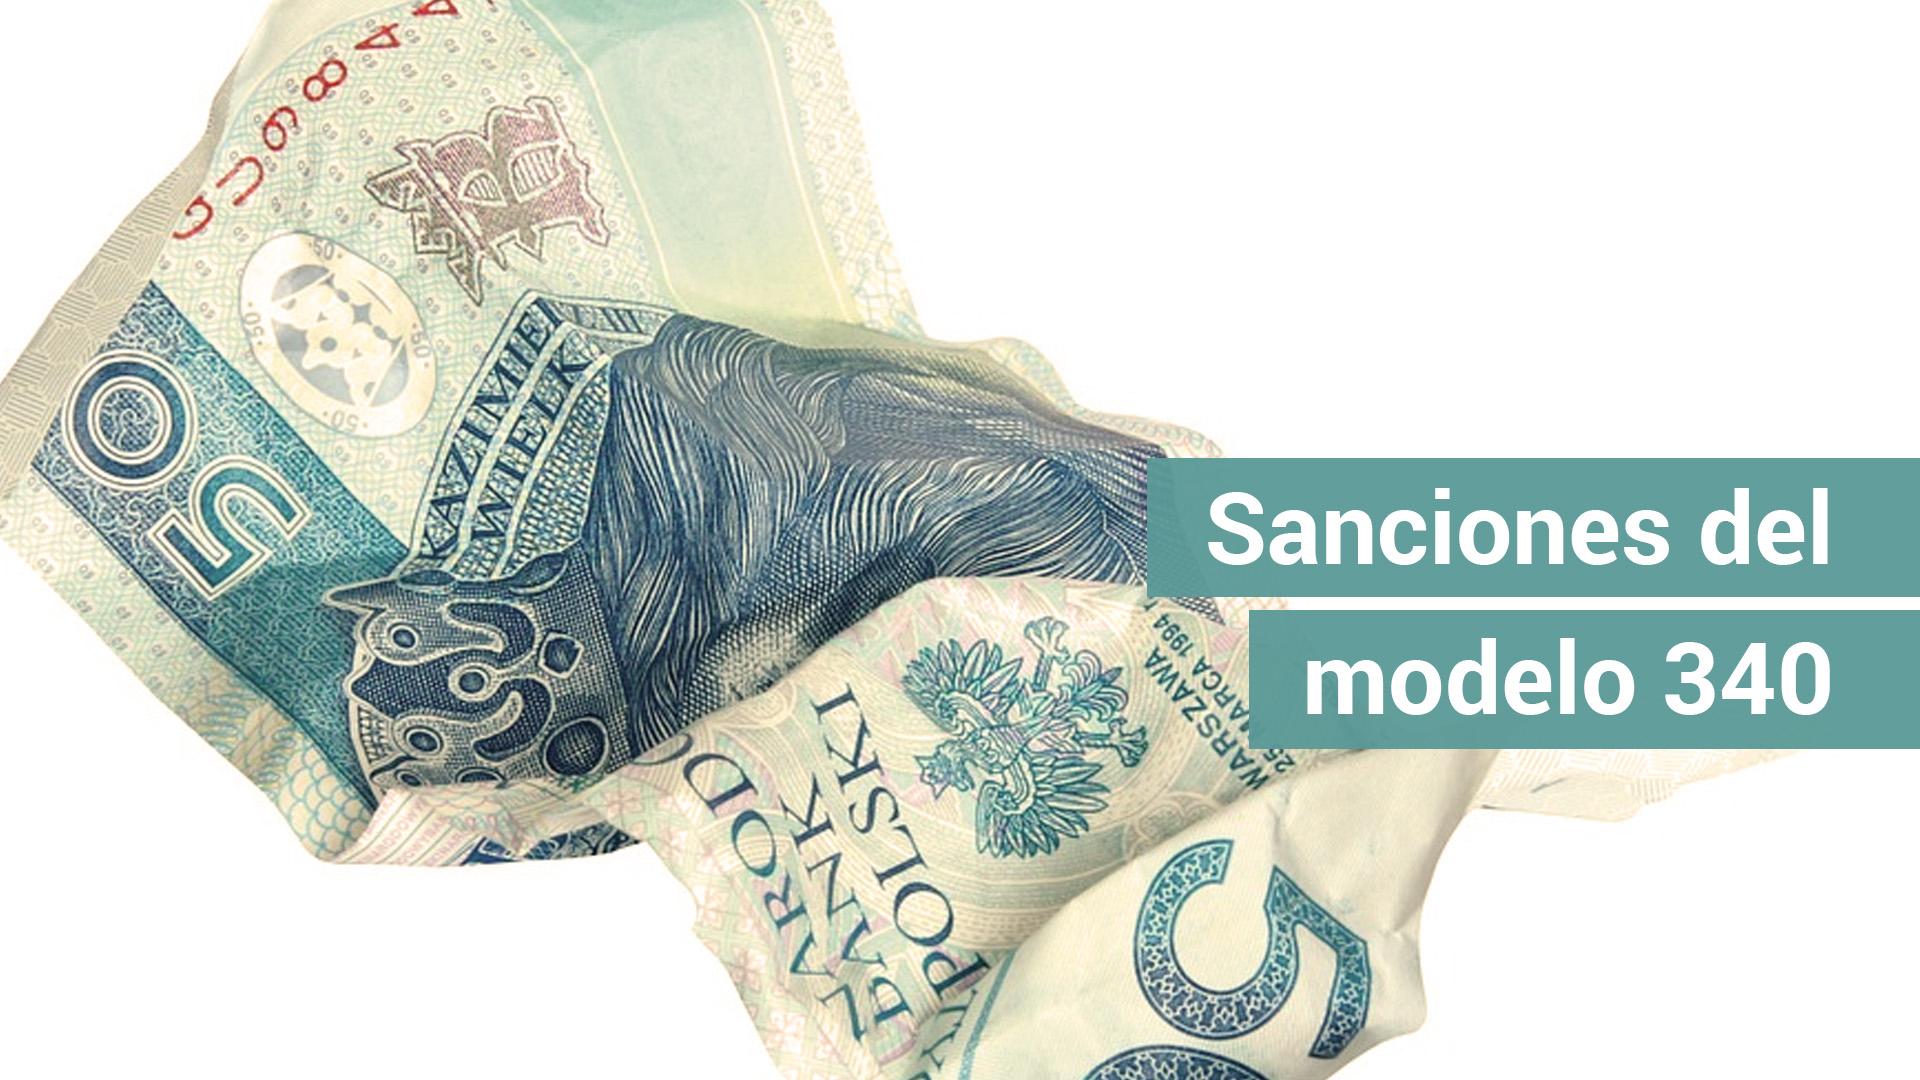 Las sanciones del modelo 340